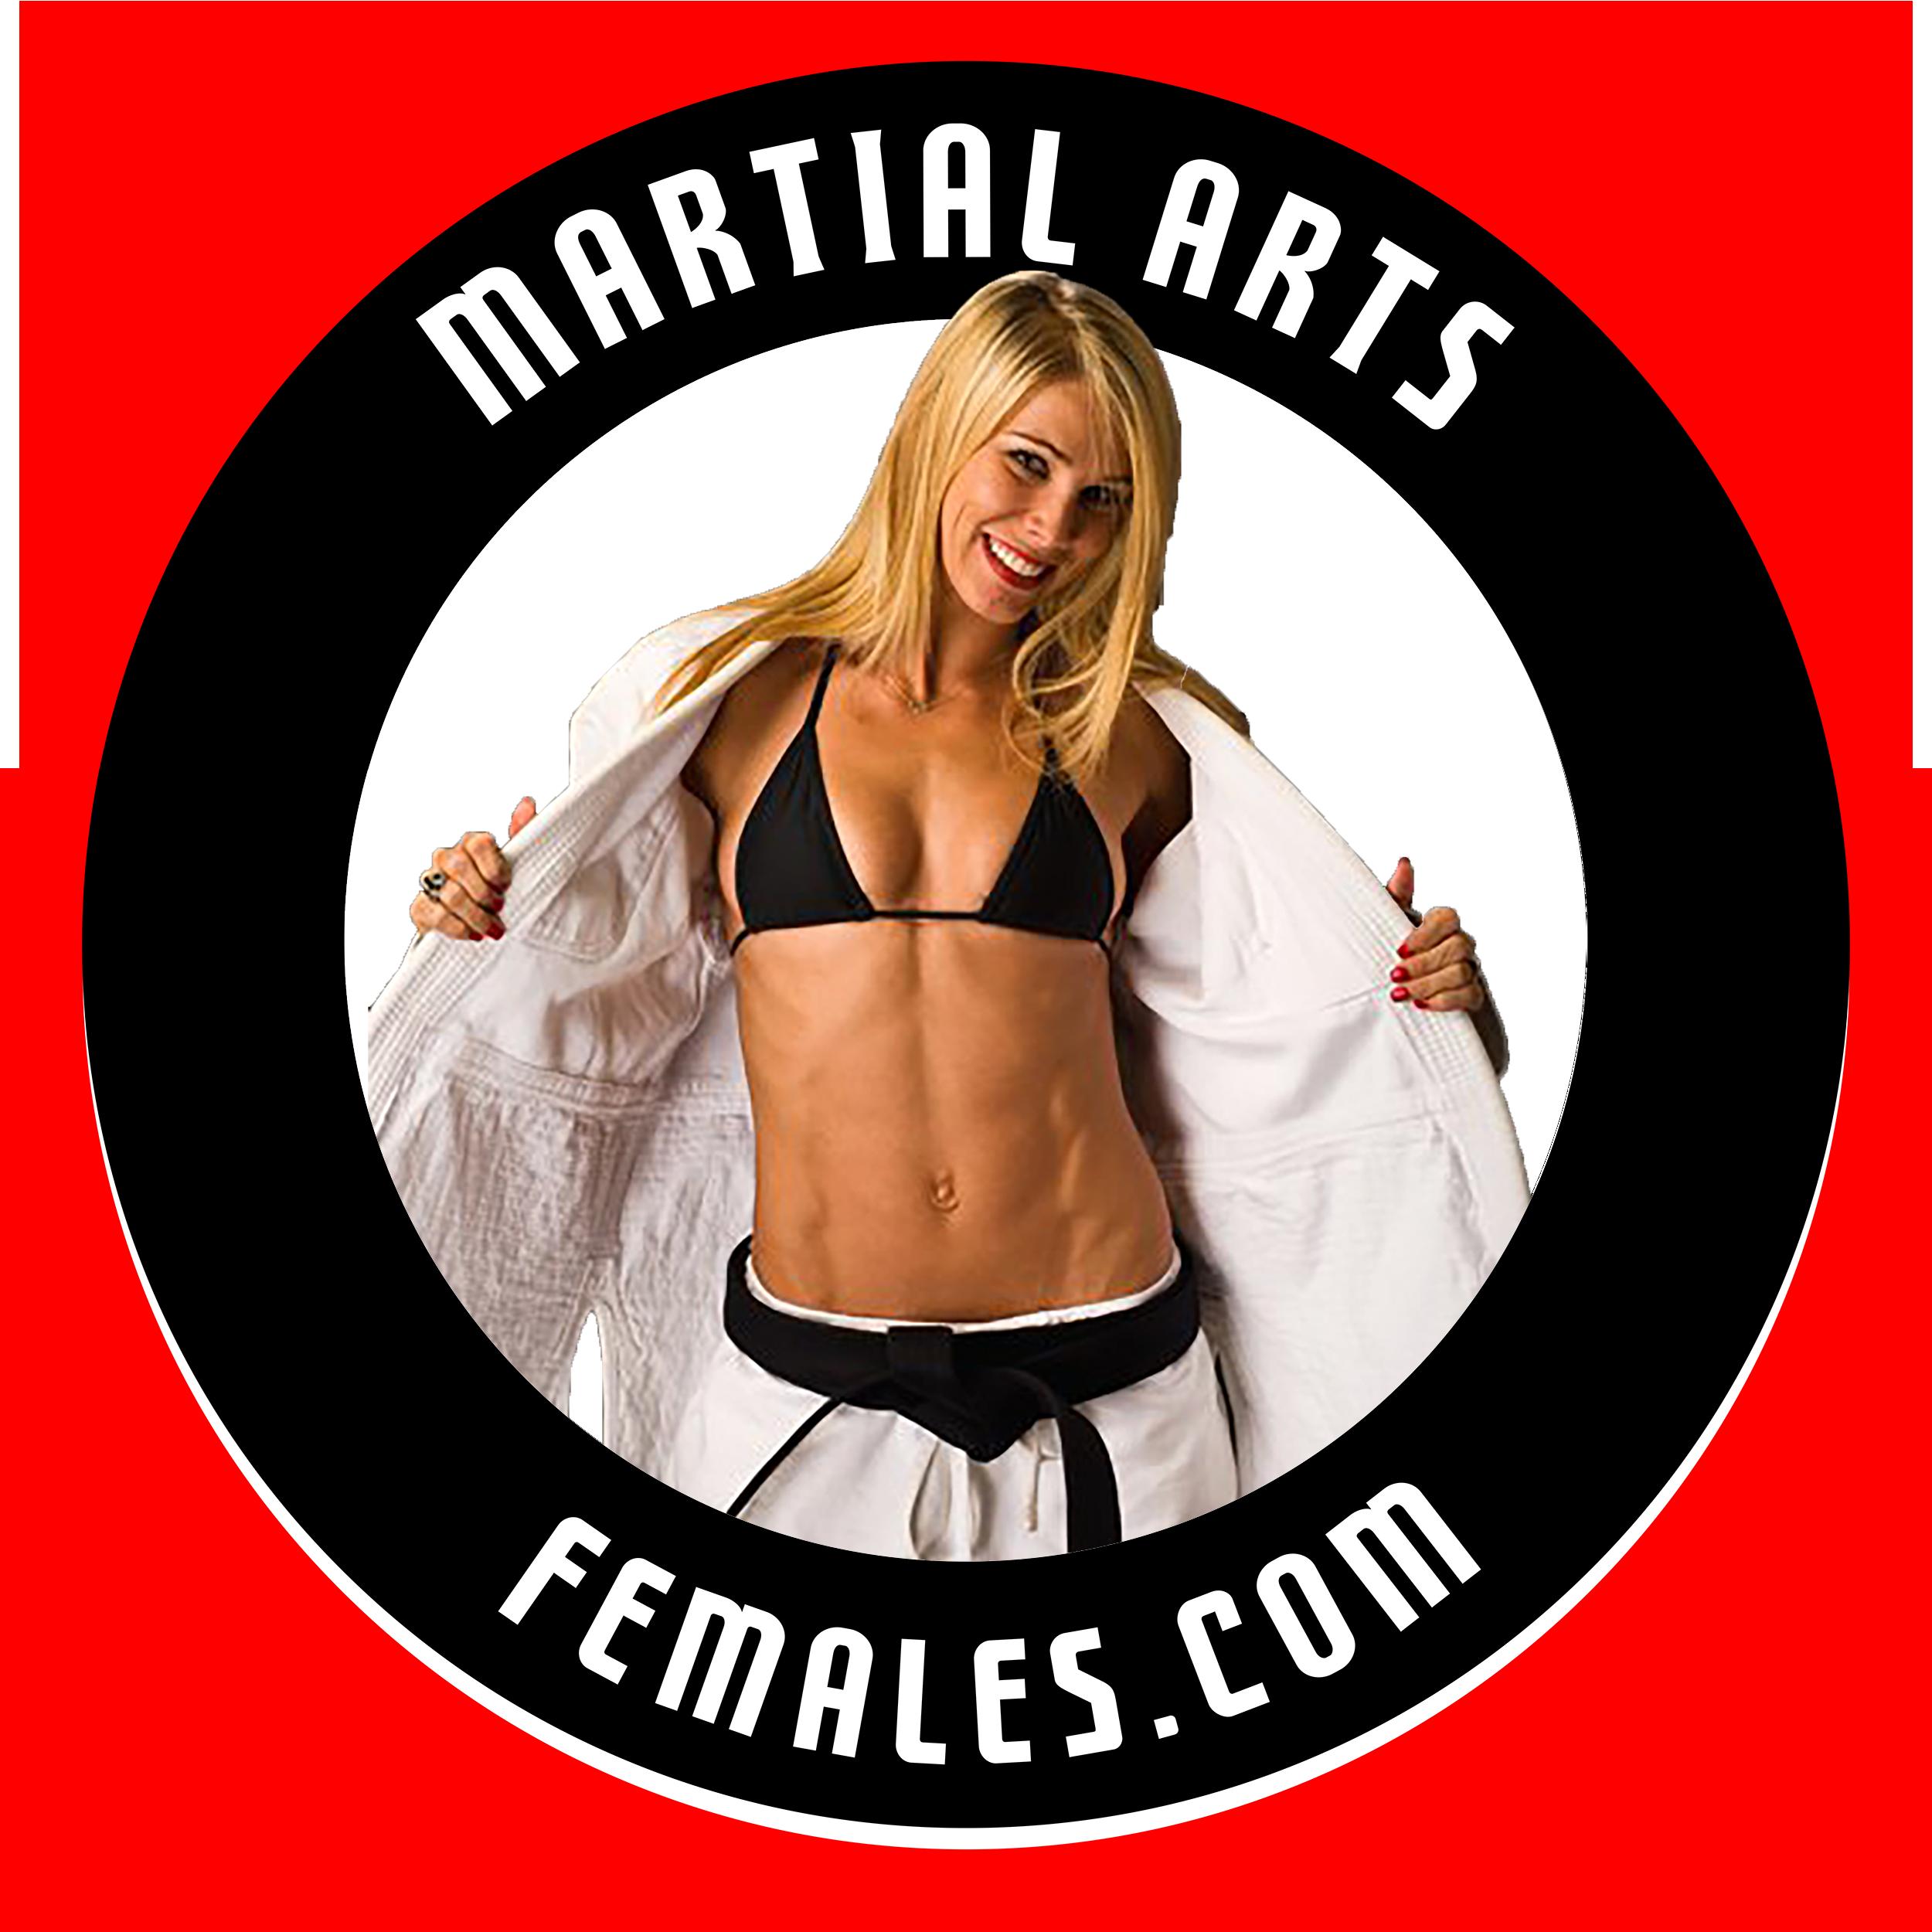 Martial Arts Females